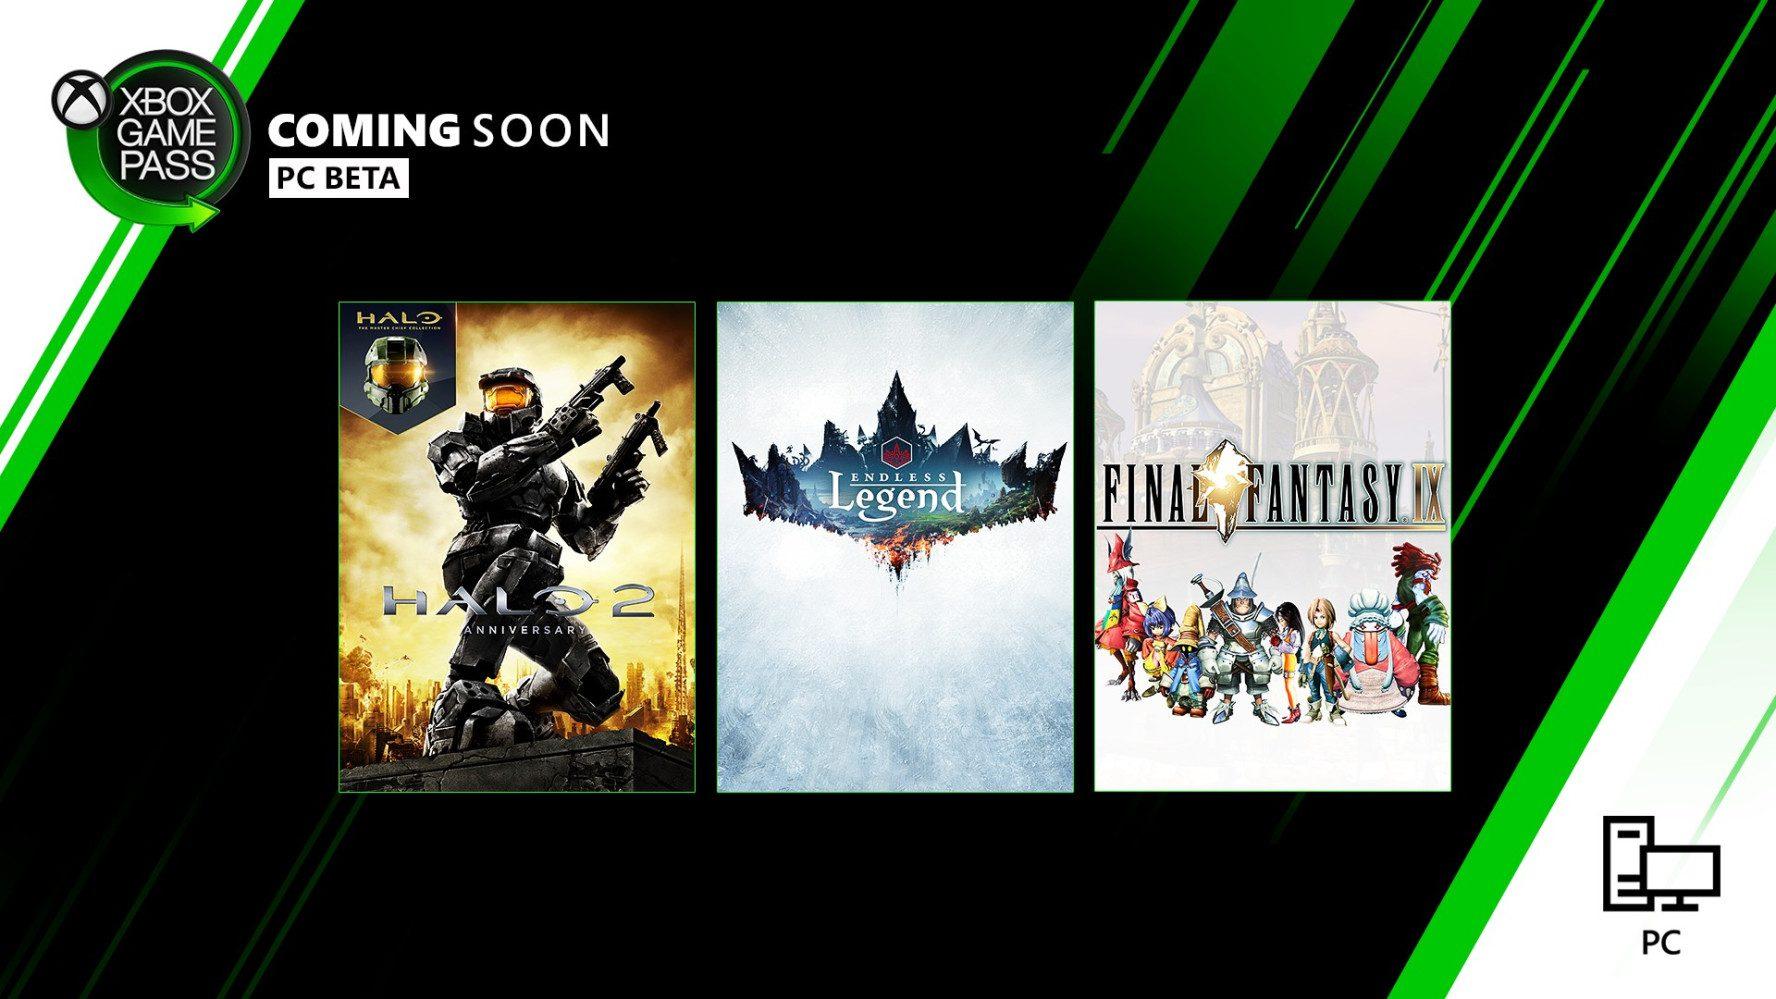 ¡Mas juegos aún! Desvelados los nuevos juegos de mayo para Xbox Game Pass PC